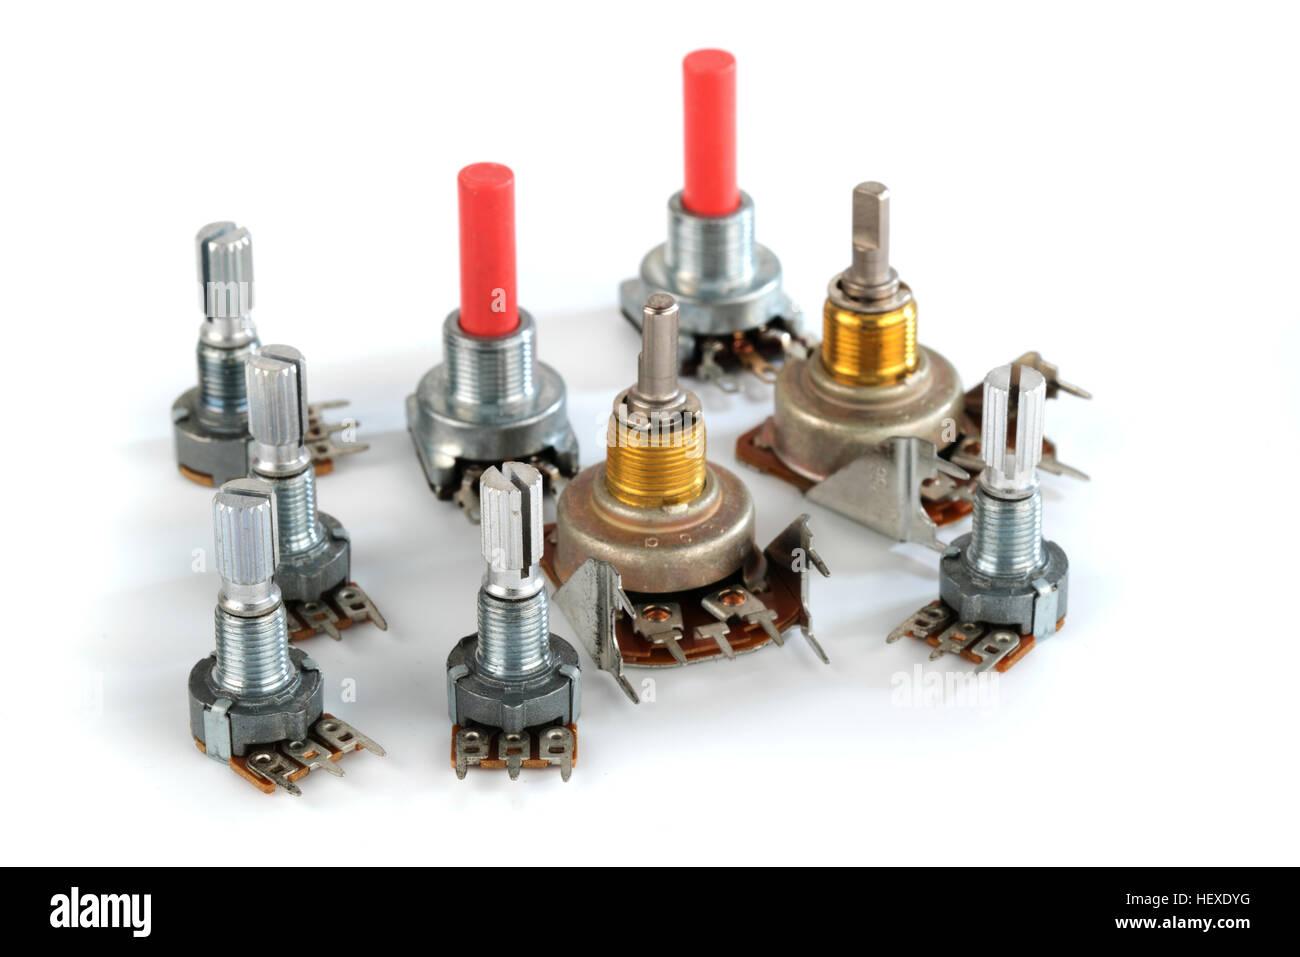 Ausgezeichnet Potentiometer Motorsteuerungsschaltplan Fotos - Die ...